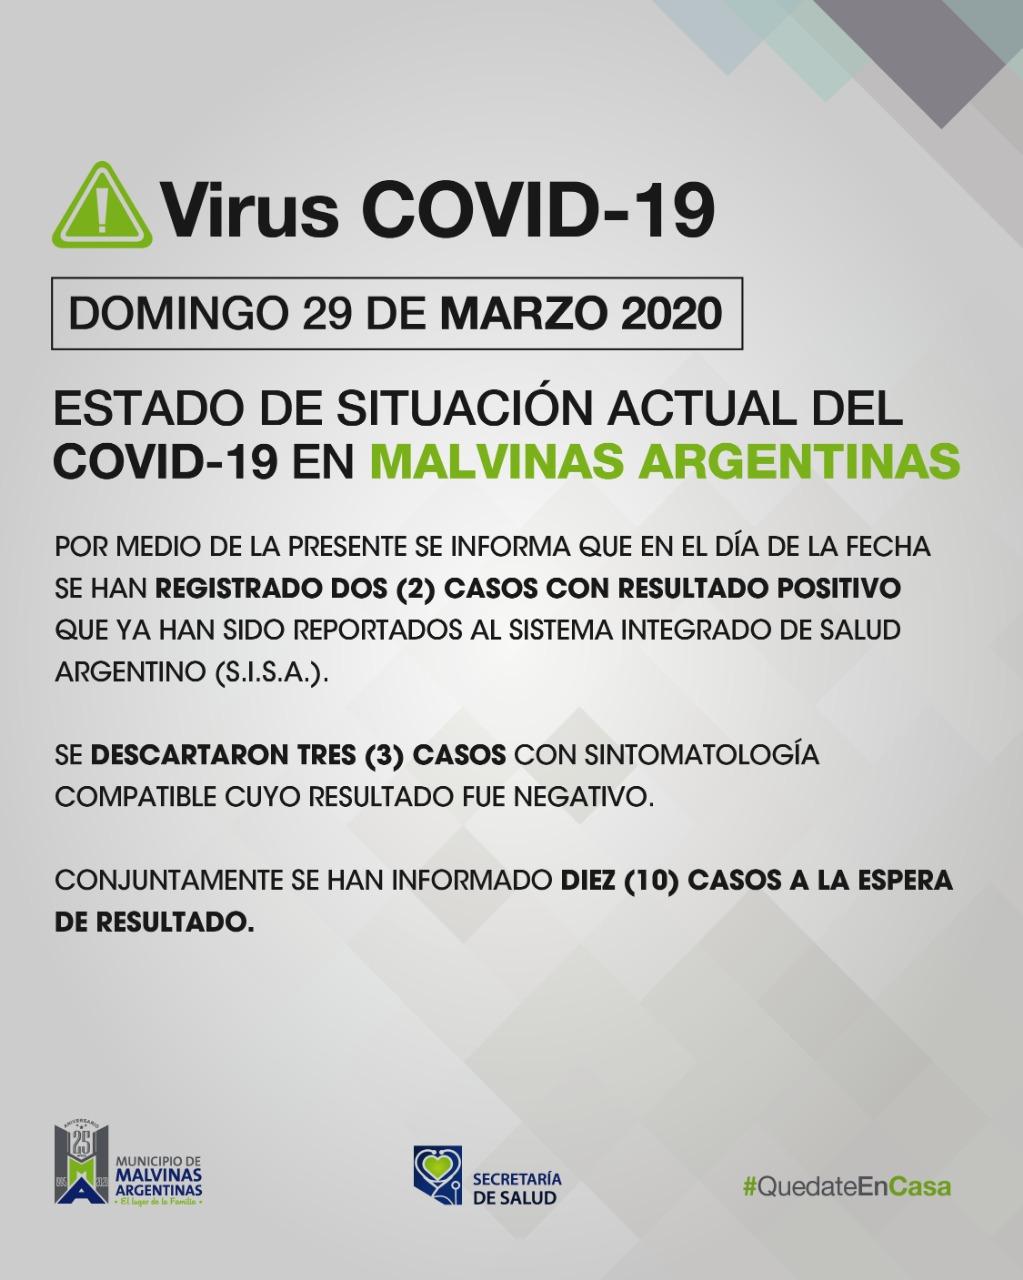 Malvinas Argentinas: Oficial, 2 nuevos casos de COVID-19. Covid_14